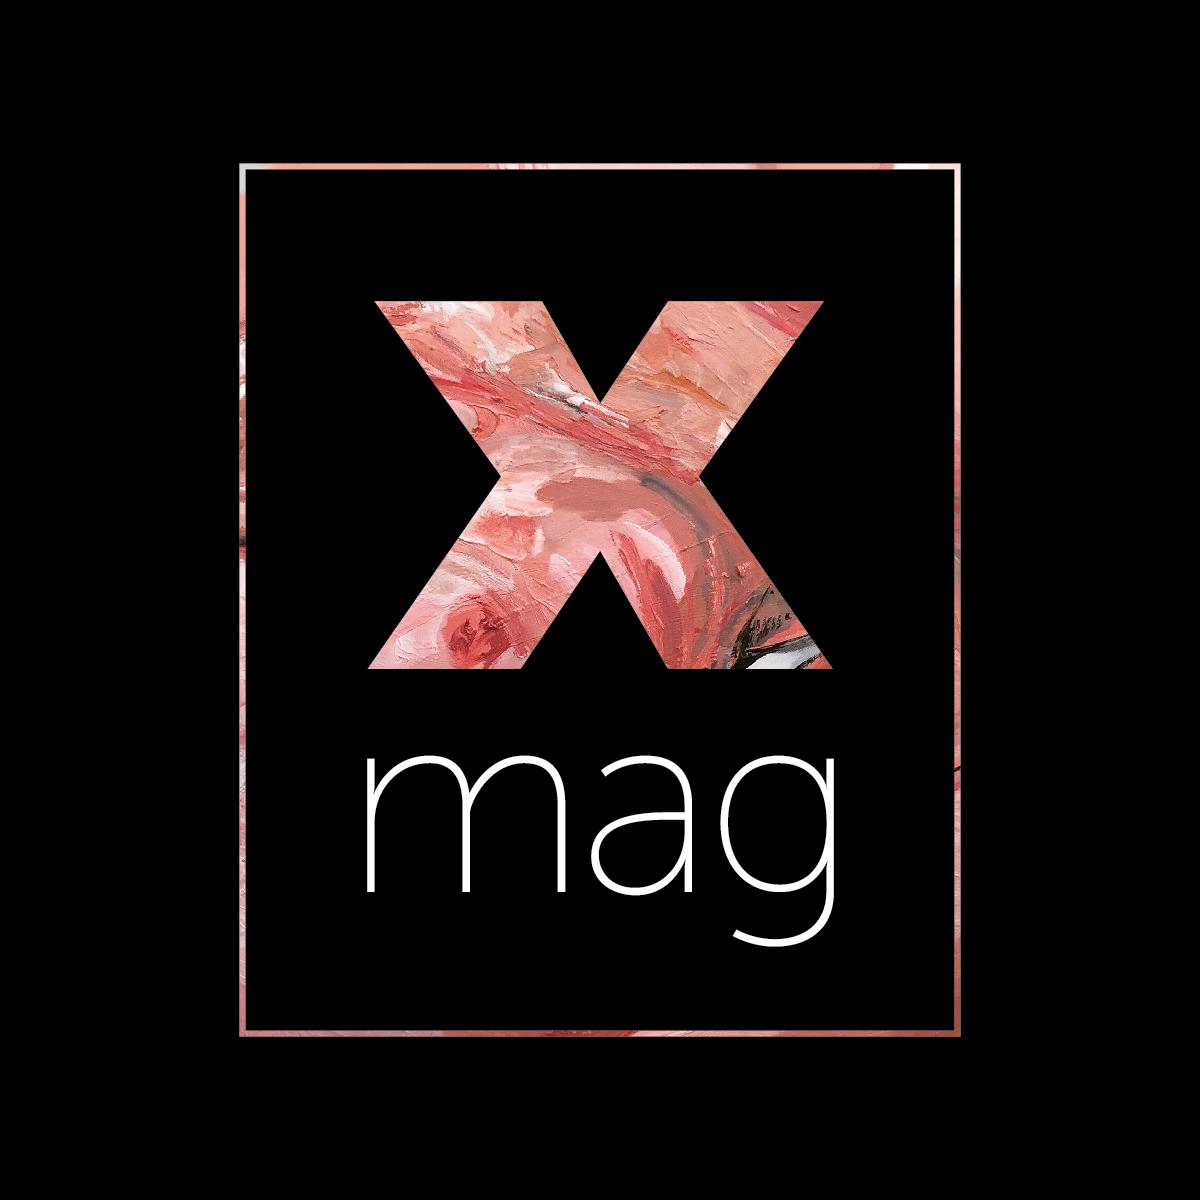 XMag Facebook-04.jpg